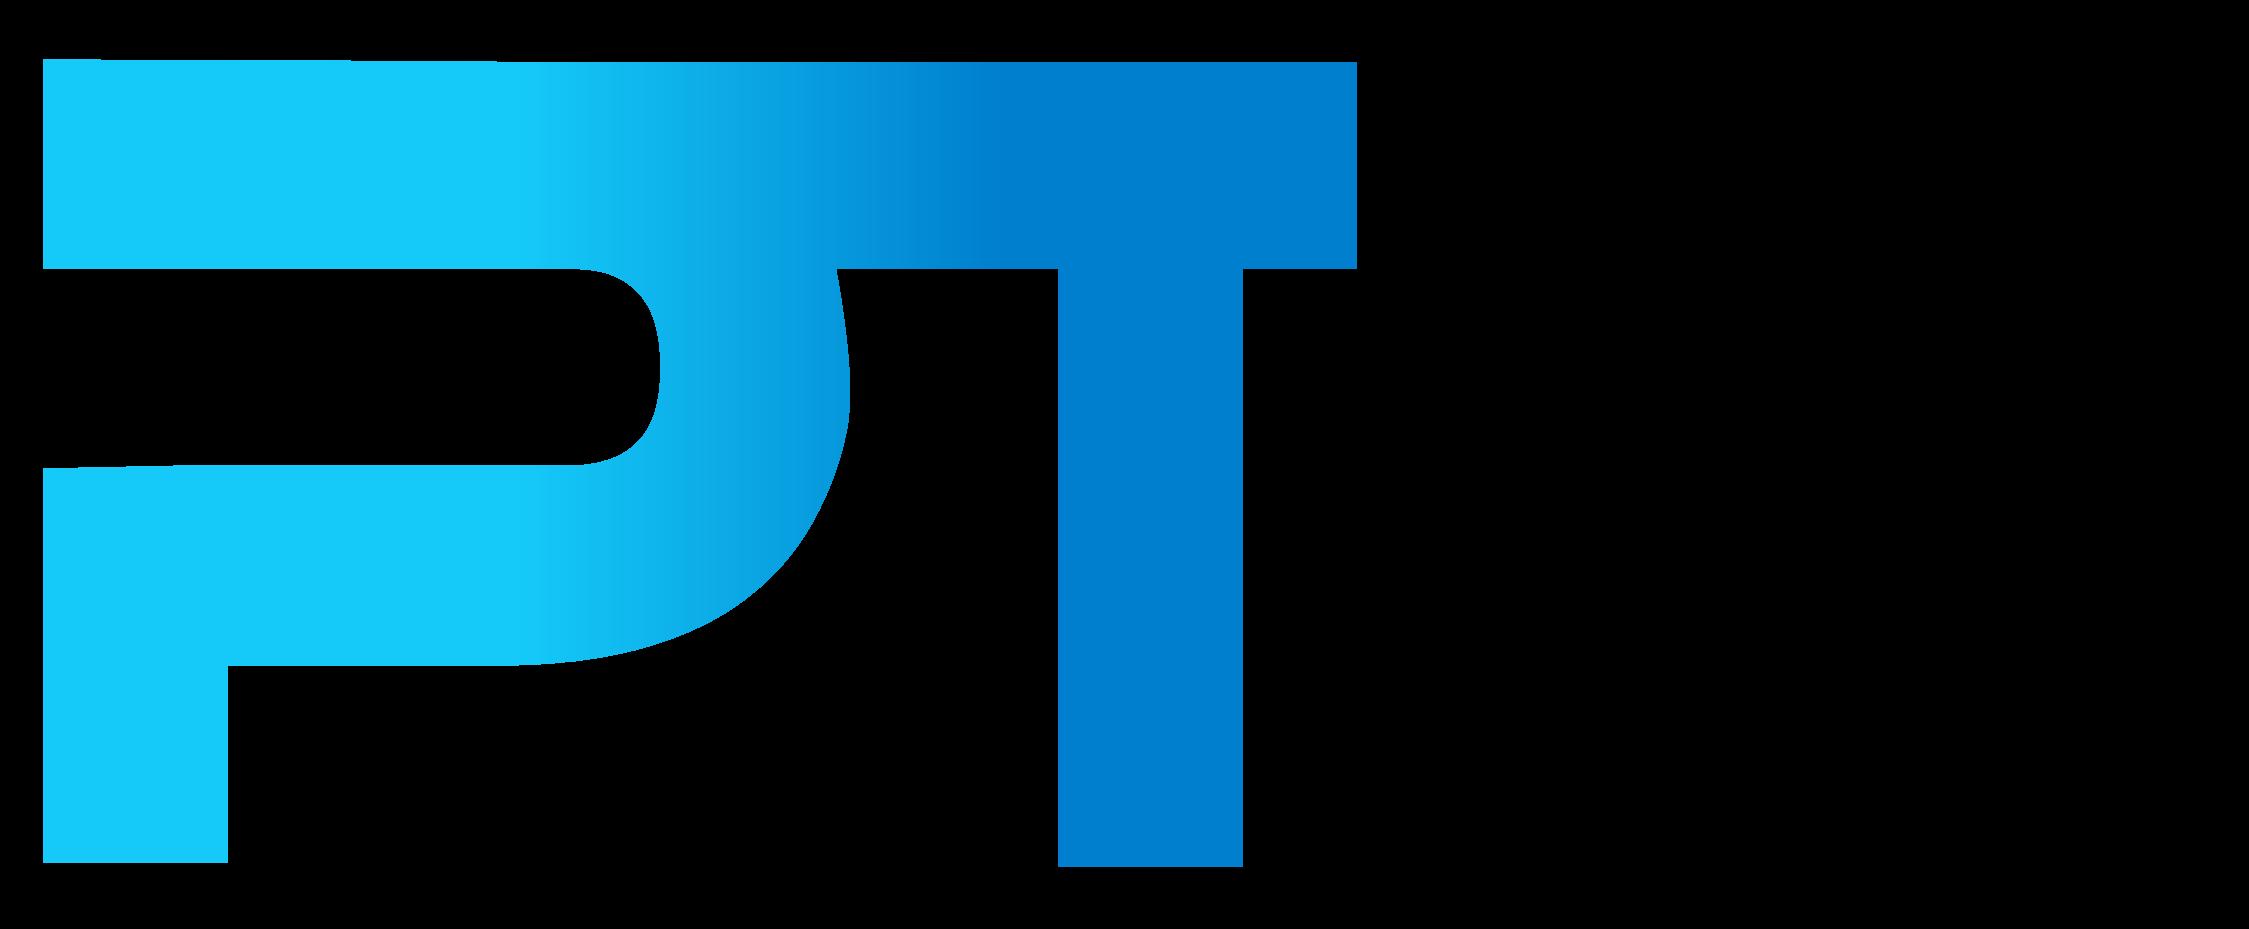 PT Pioneer